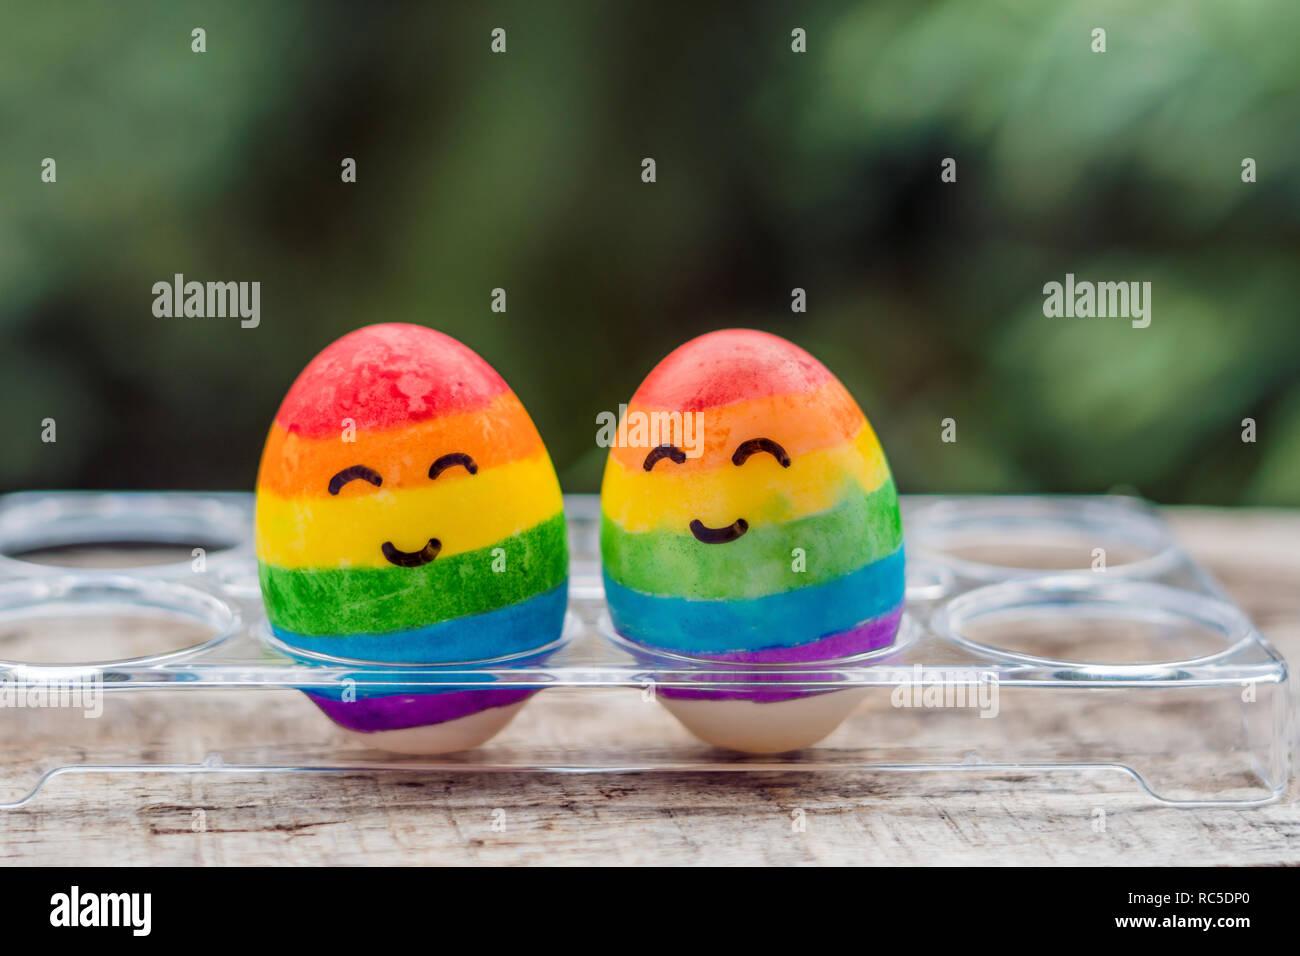 Zwei Eier werden in den Farben des Regenbogens gefärbt als Kennzeichen von  Schwulen und Lesben sowie